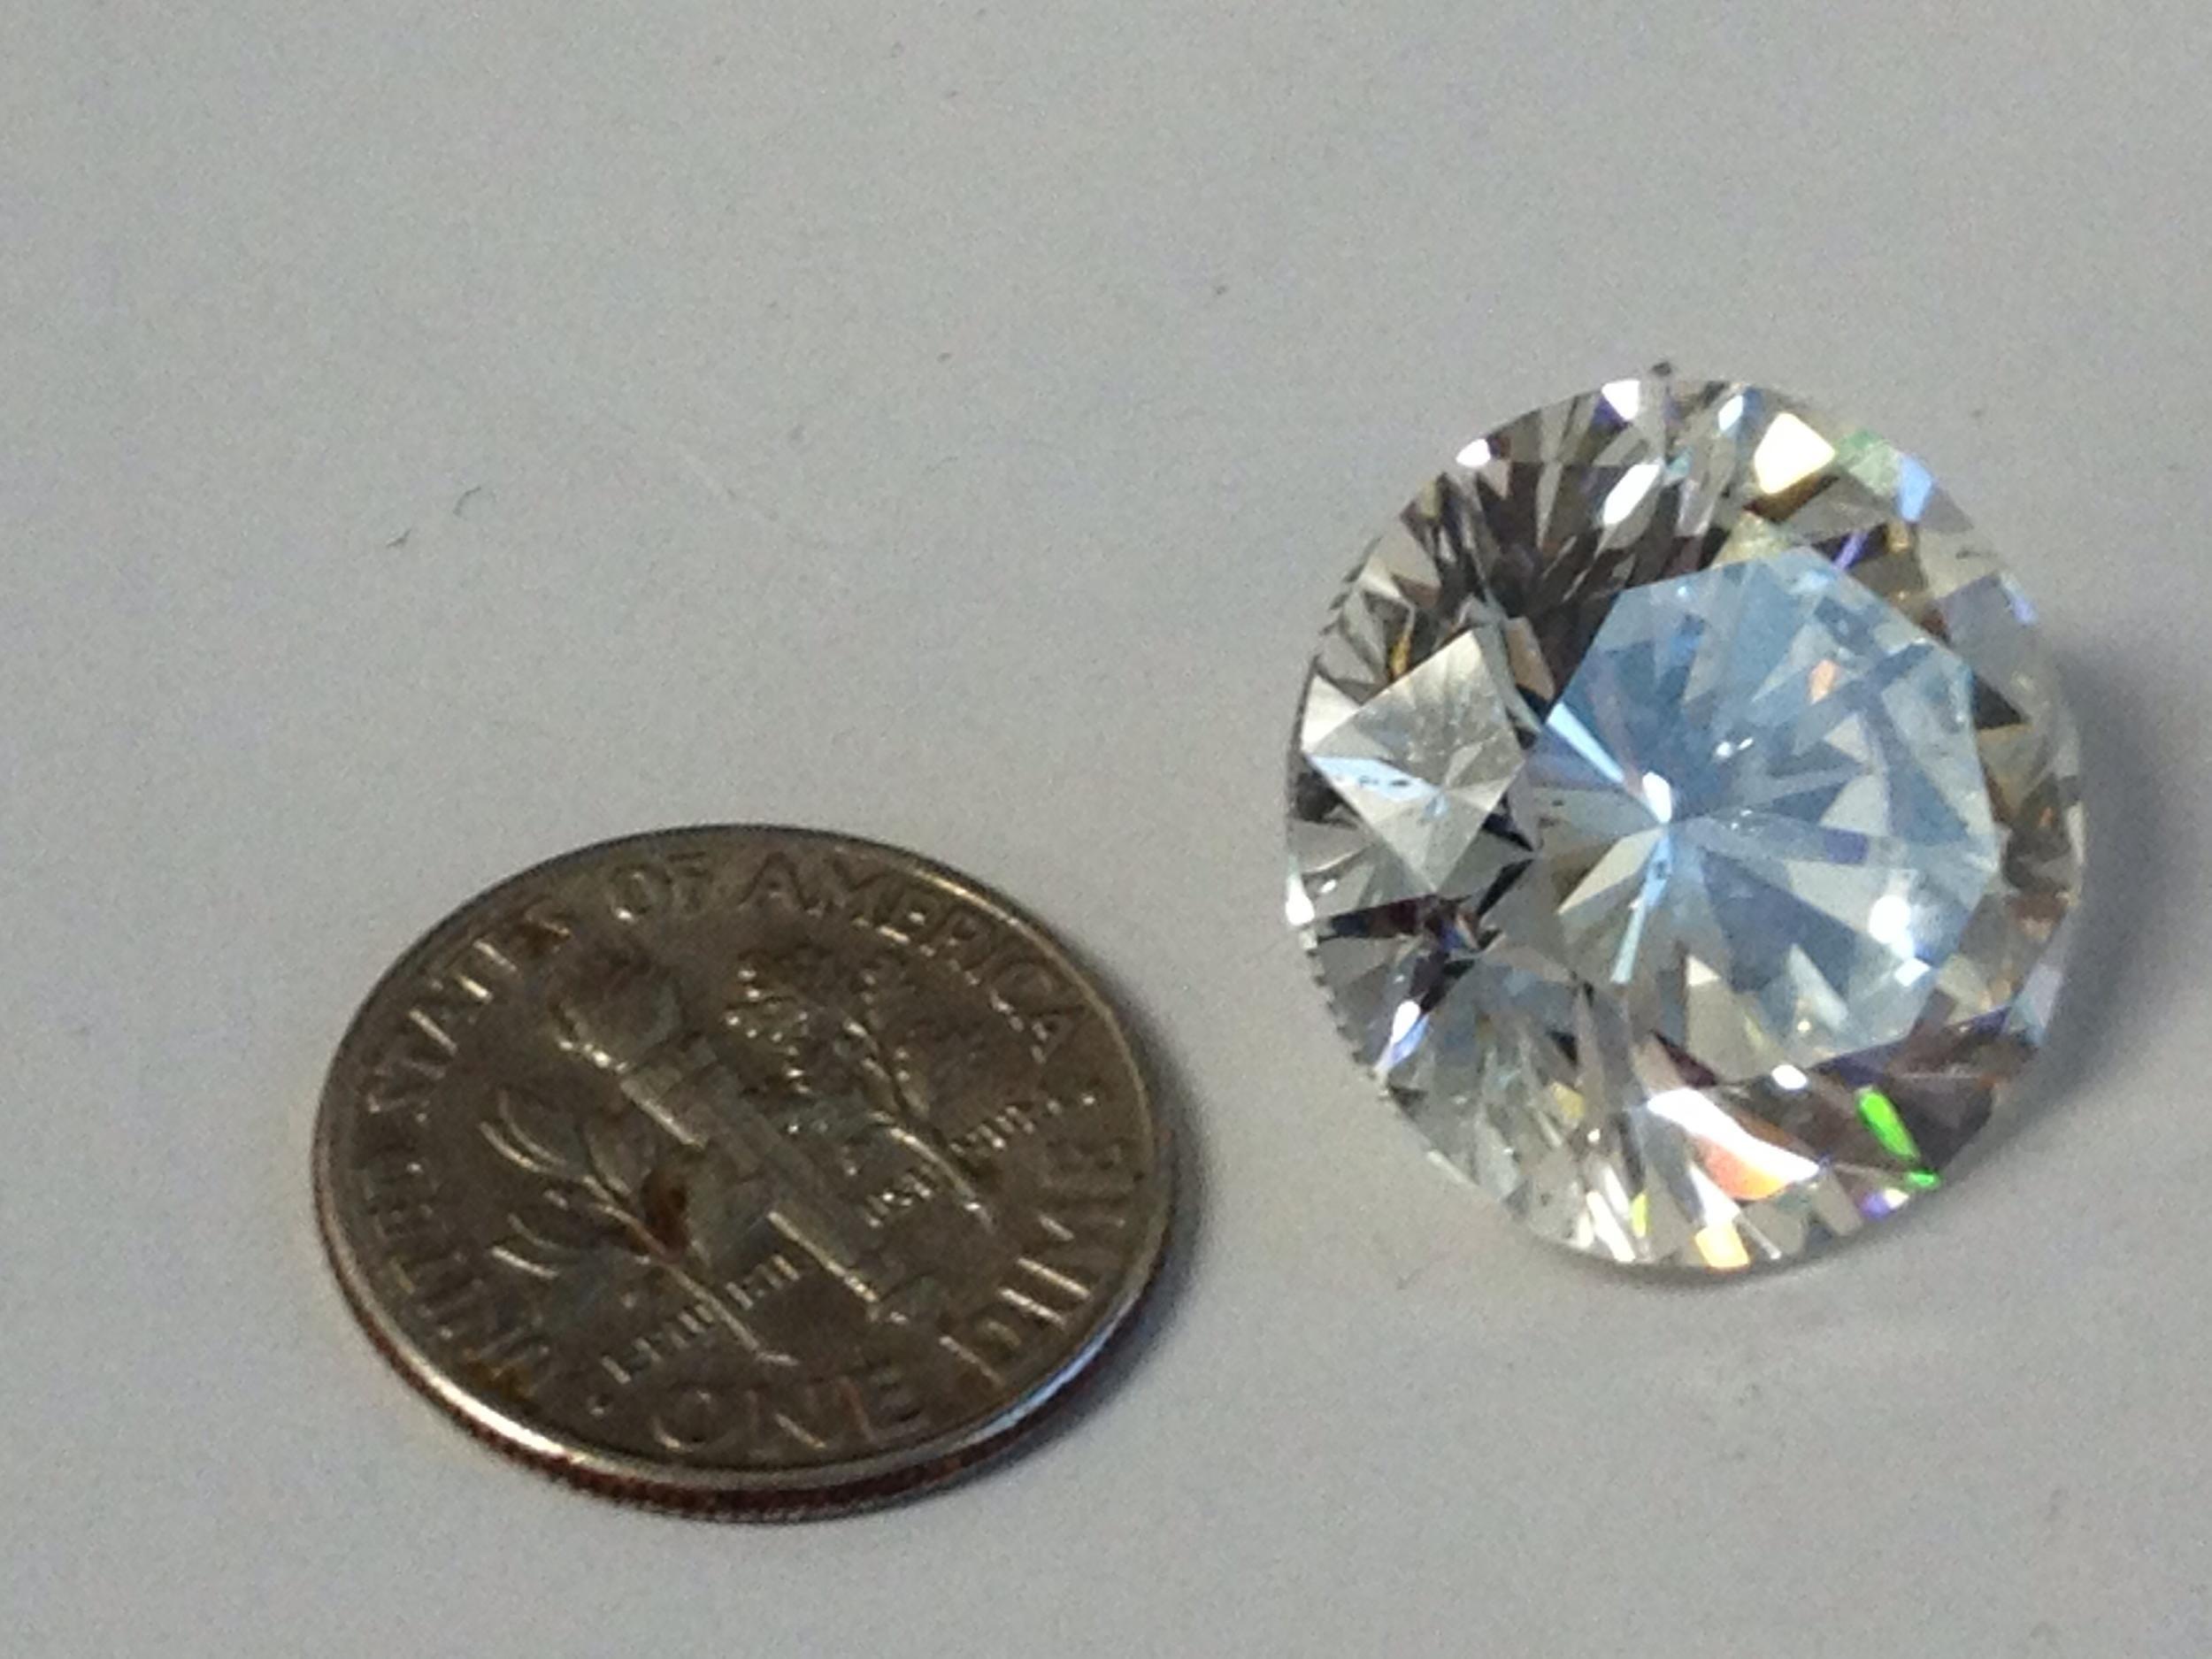 One Big Diamond: 24.12 carats... larger than a dime!